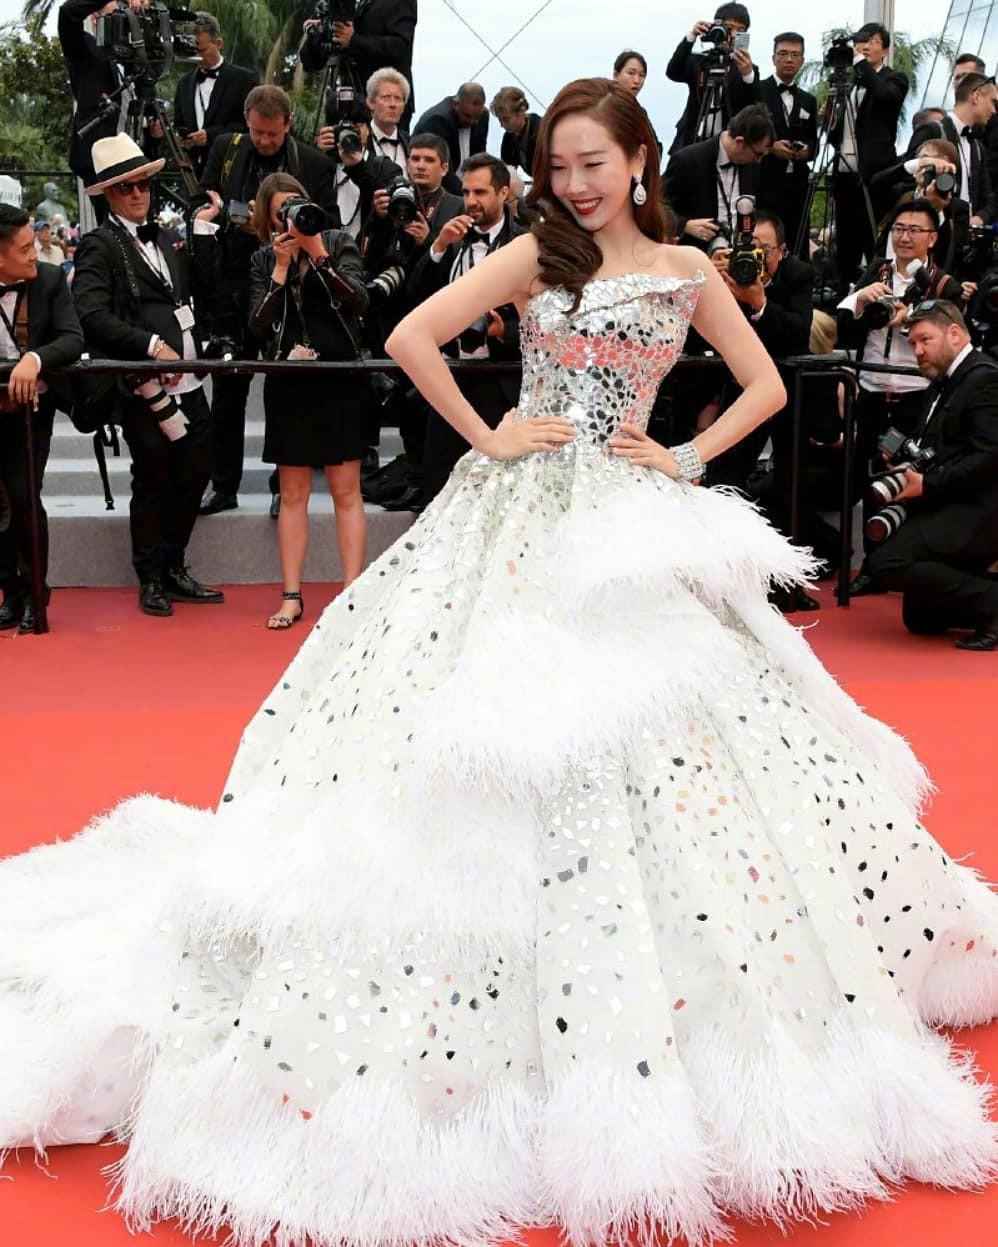 Chiếc váy tùng xoè lộng lẫy nhưng cũng khiến Jessica suýt ngã, phải nhờ 2 người nâng váy Cannes 2019 - Ảnh 2.